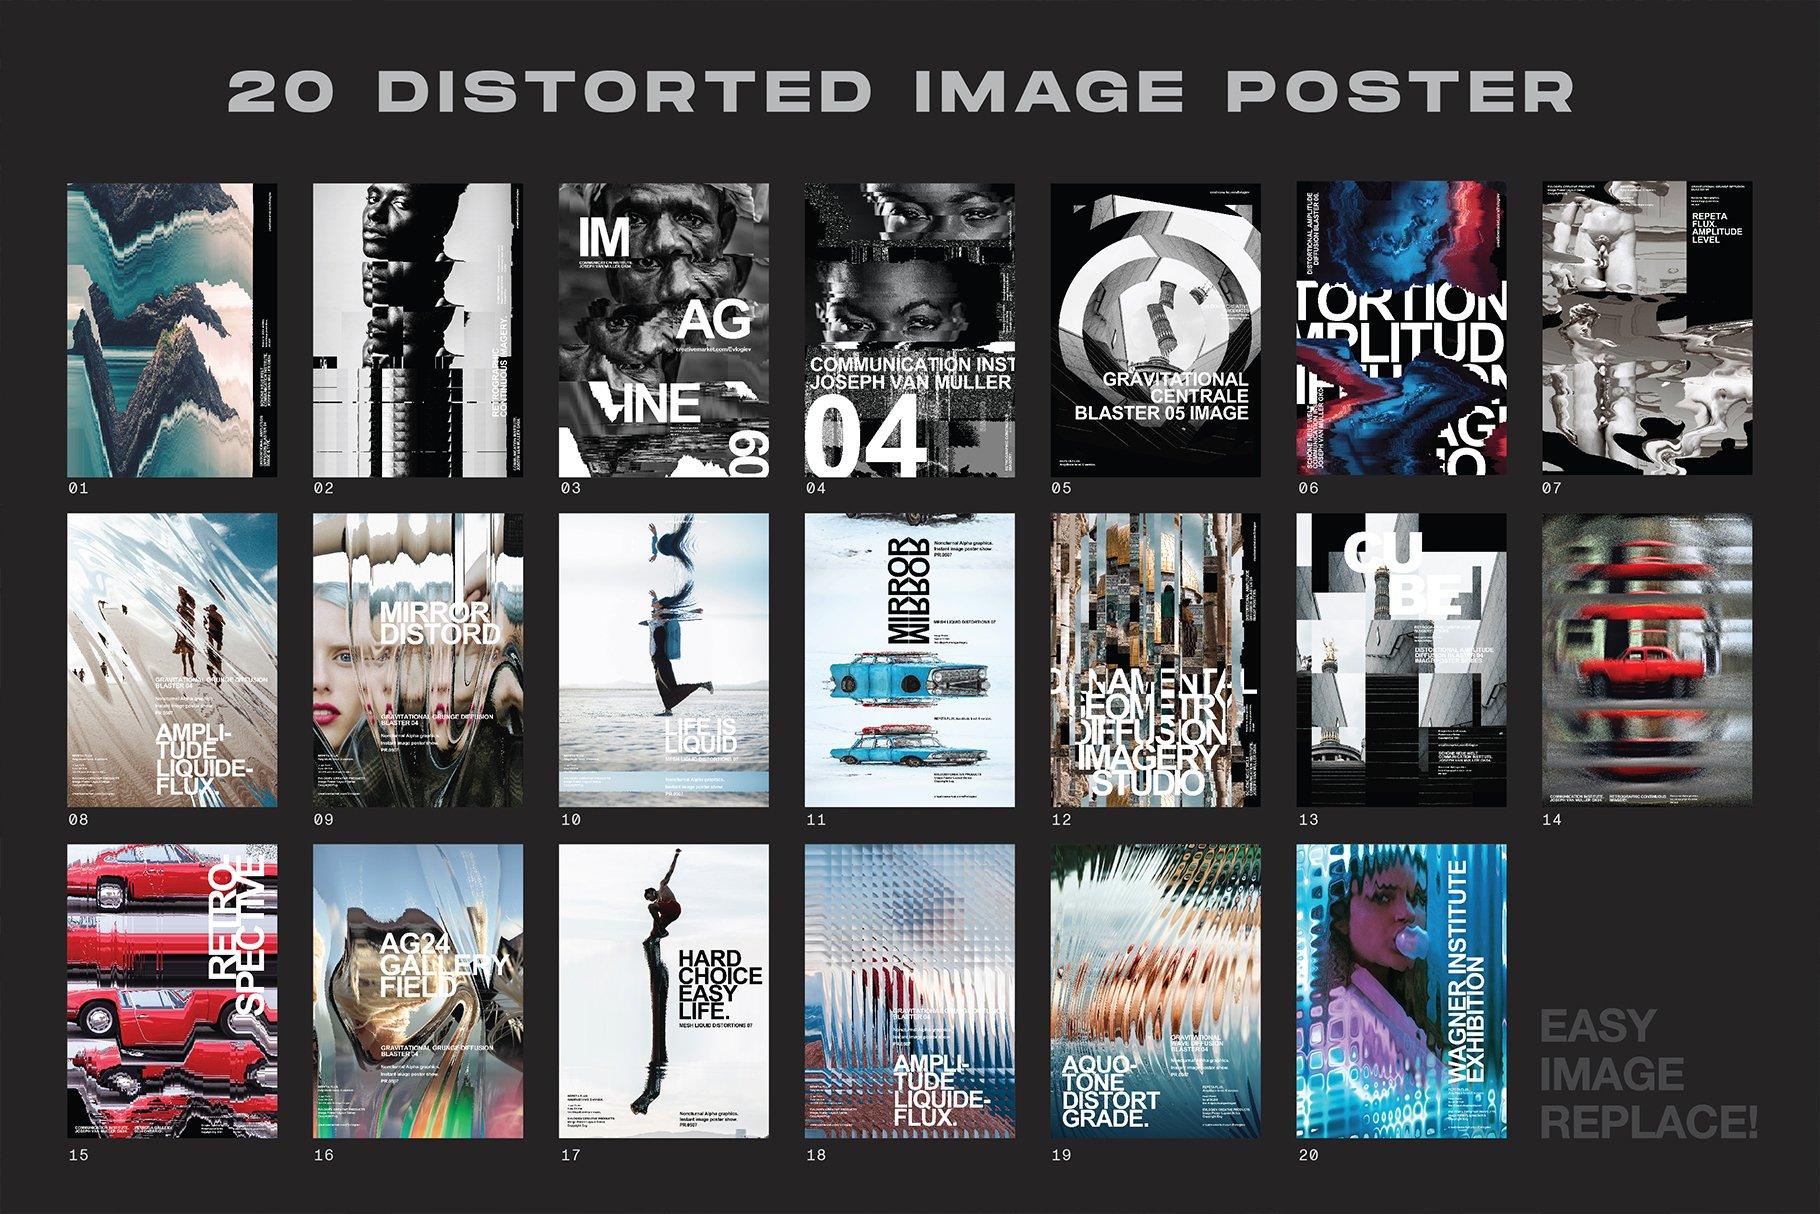 [淘宝购买] 20款抽象扭曲故障主视觉海报图片设计效果PS样式模板 Evlogiev – Distort Image Poster插图(1)